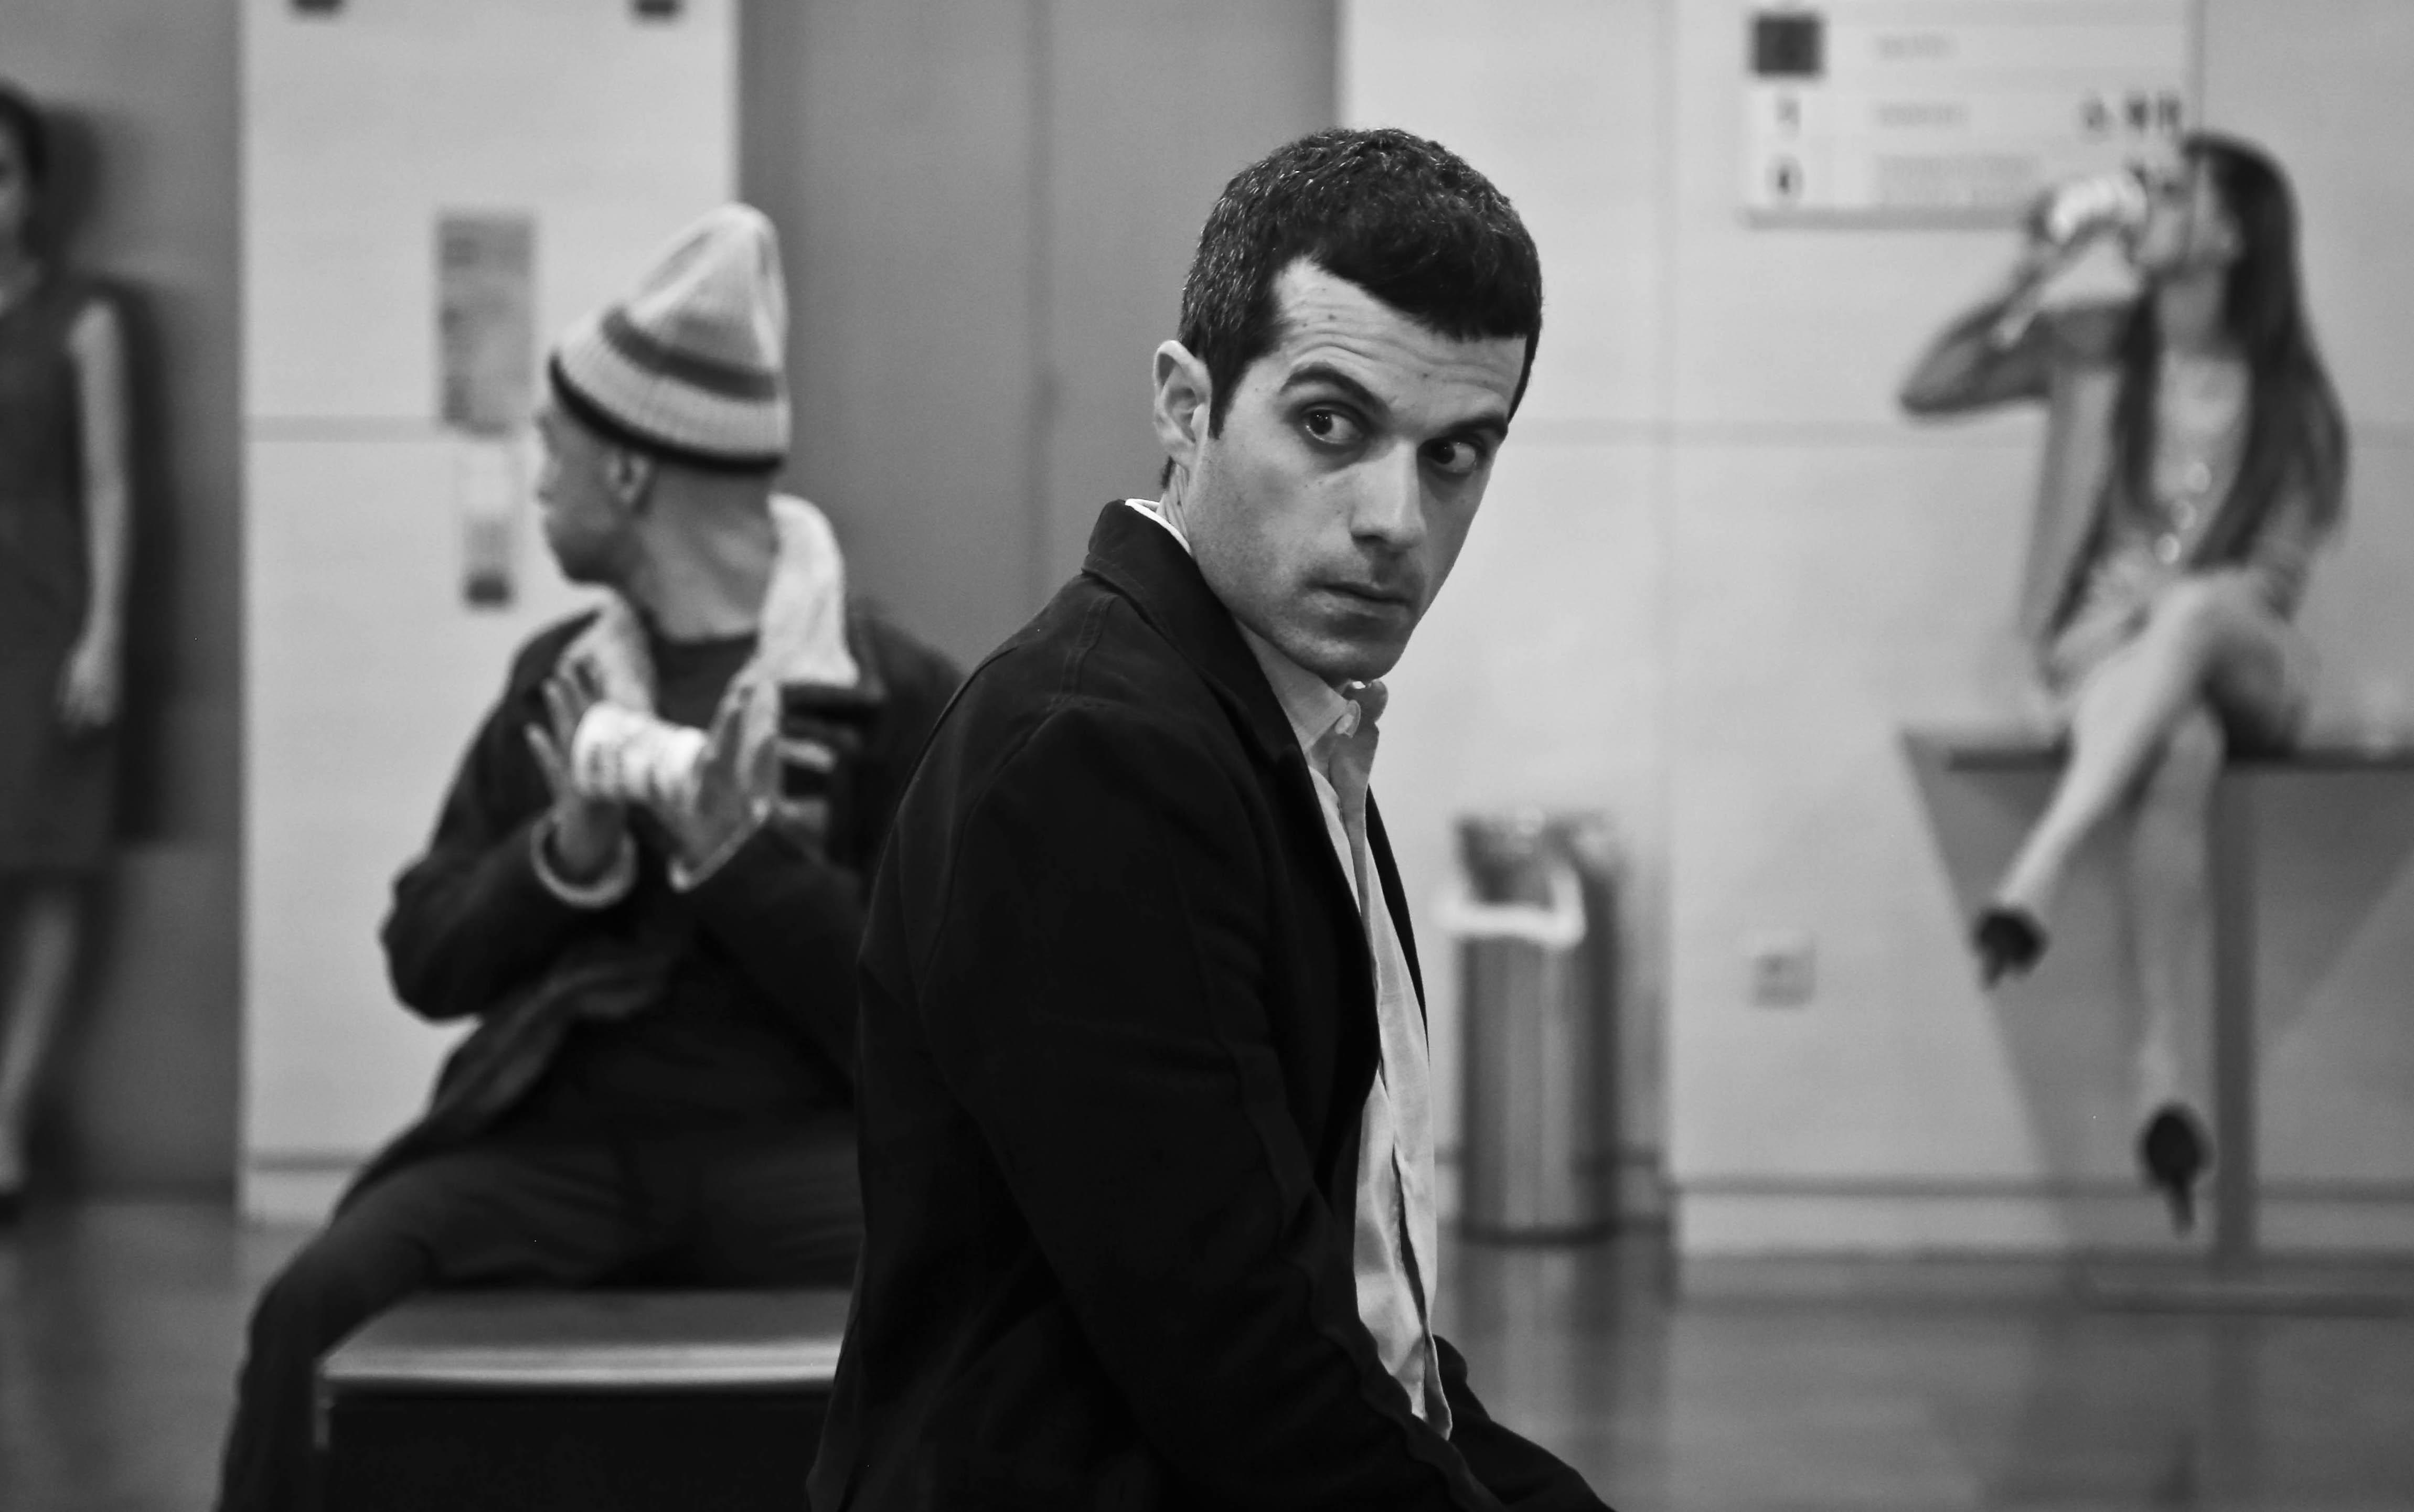 Actors direct Fiorentzis